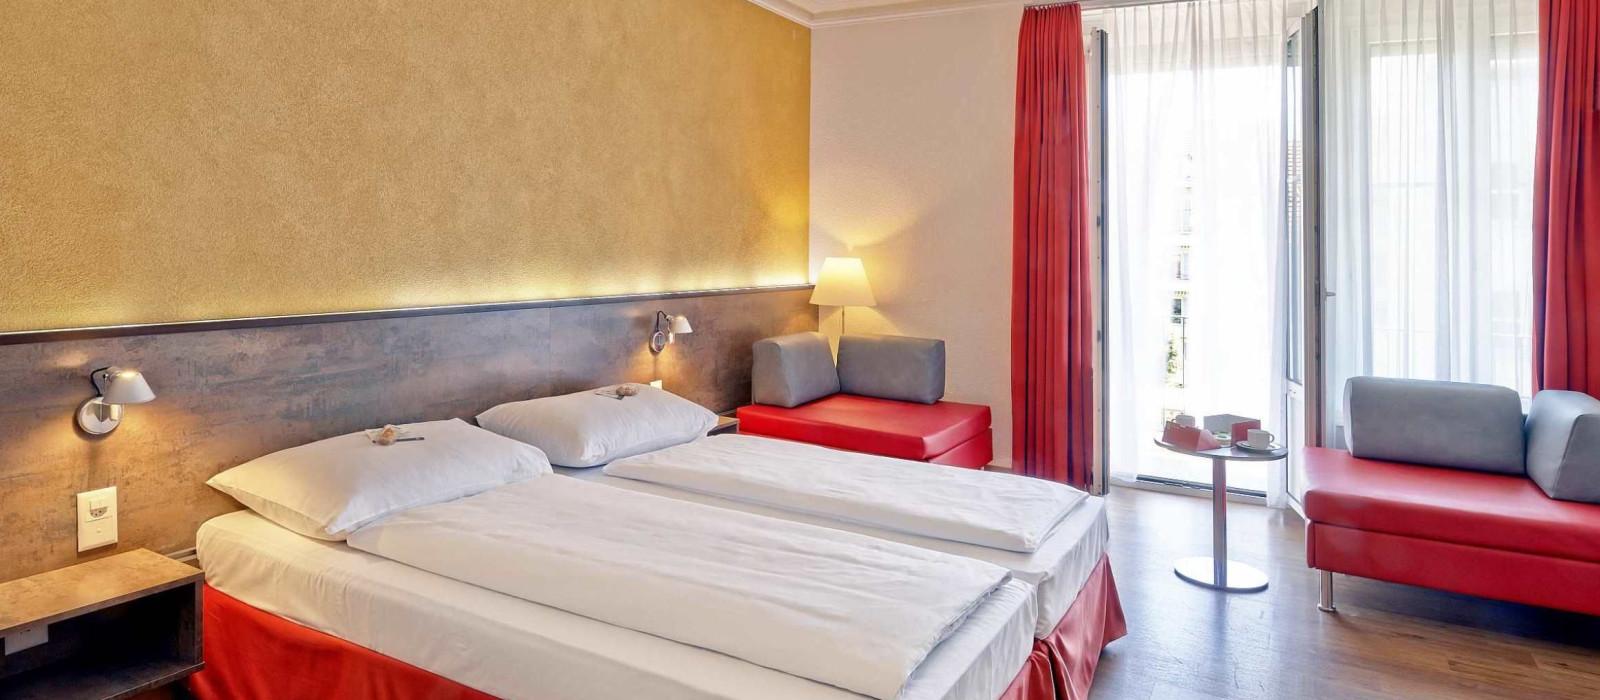 Hotel Sorell  Arabelle %region%